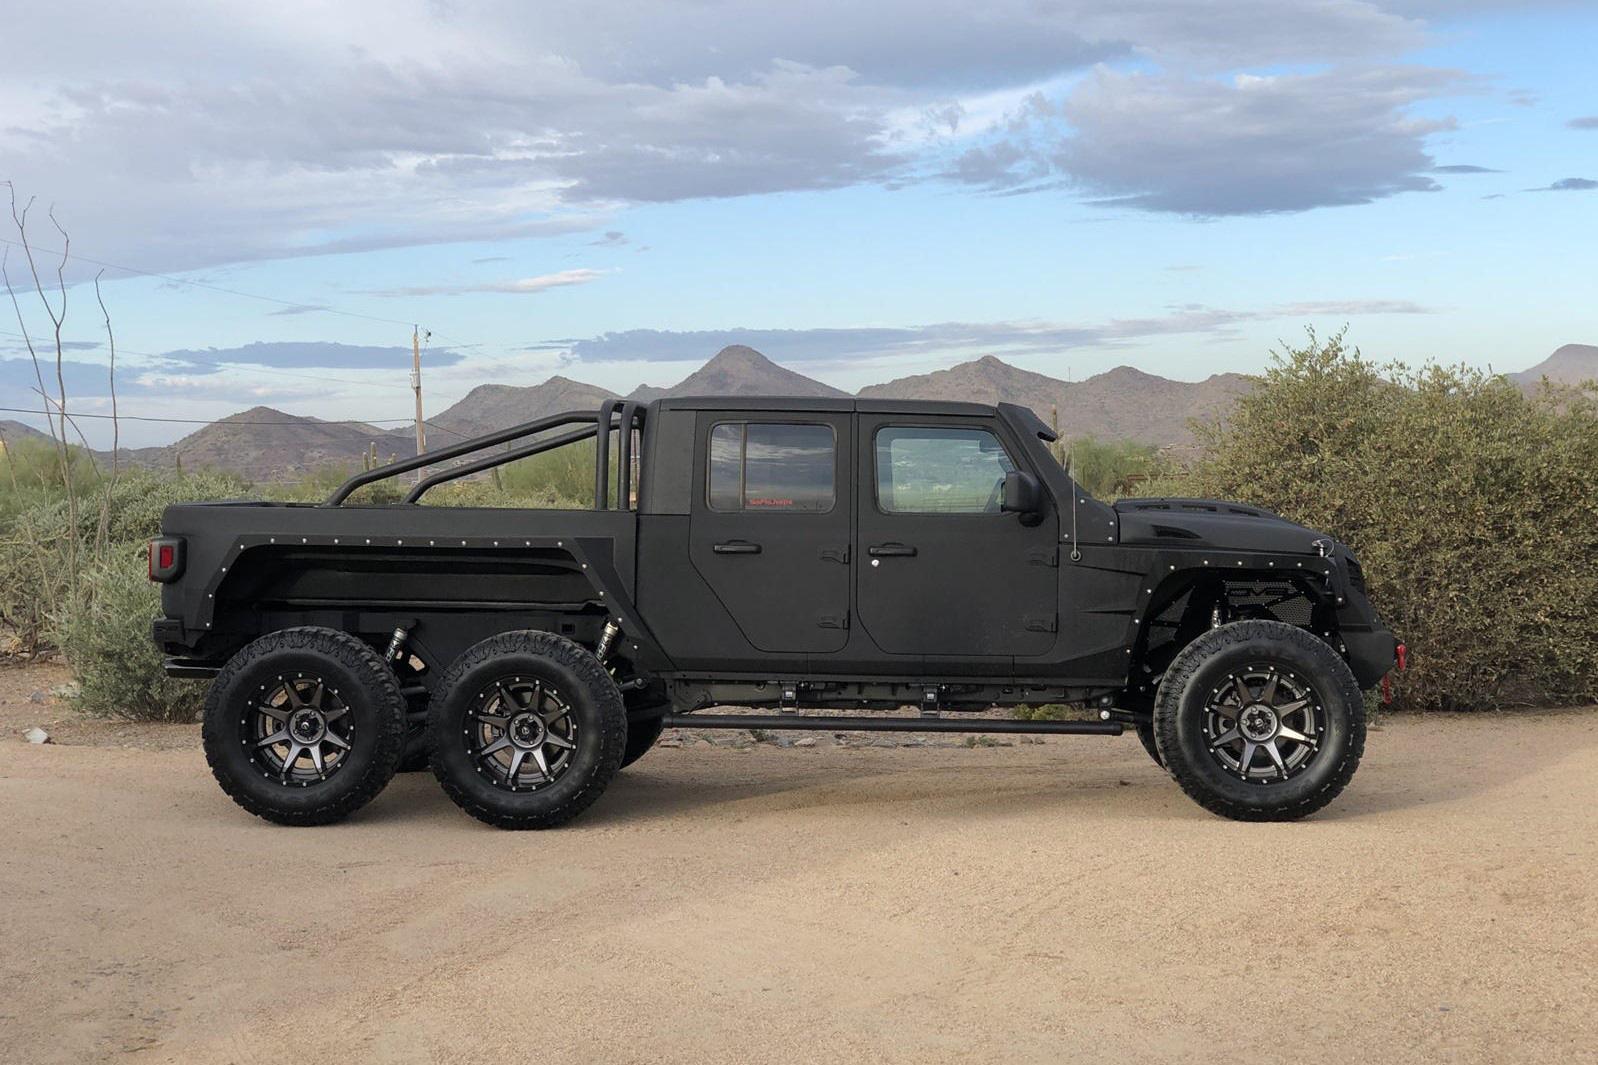 Bản độ Jeep Gladiator 6x6 giá 139.000 USD - Ảnh 2.